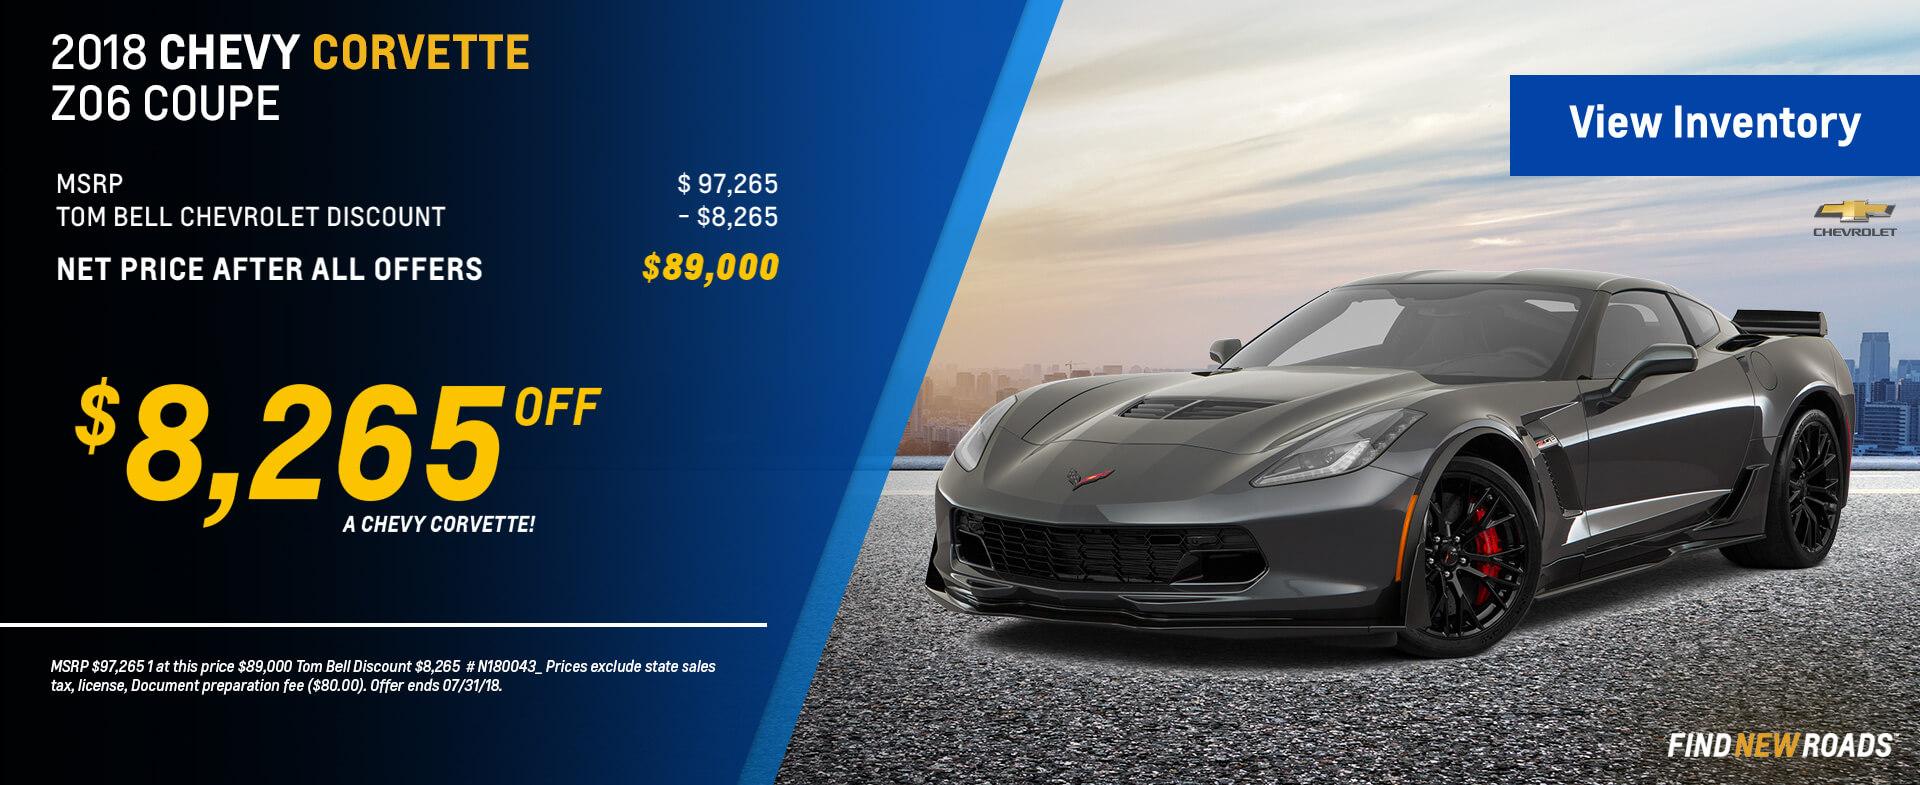 N180043 Corvette